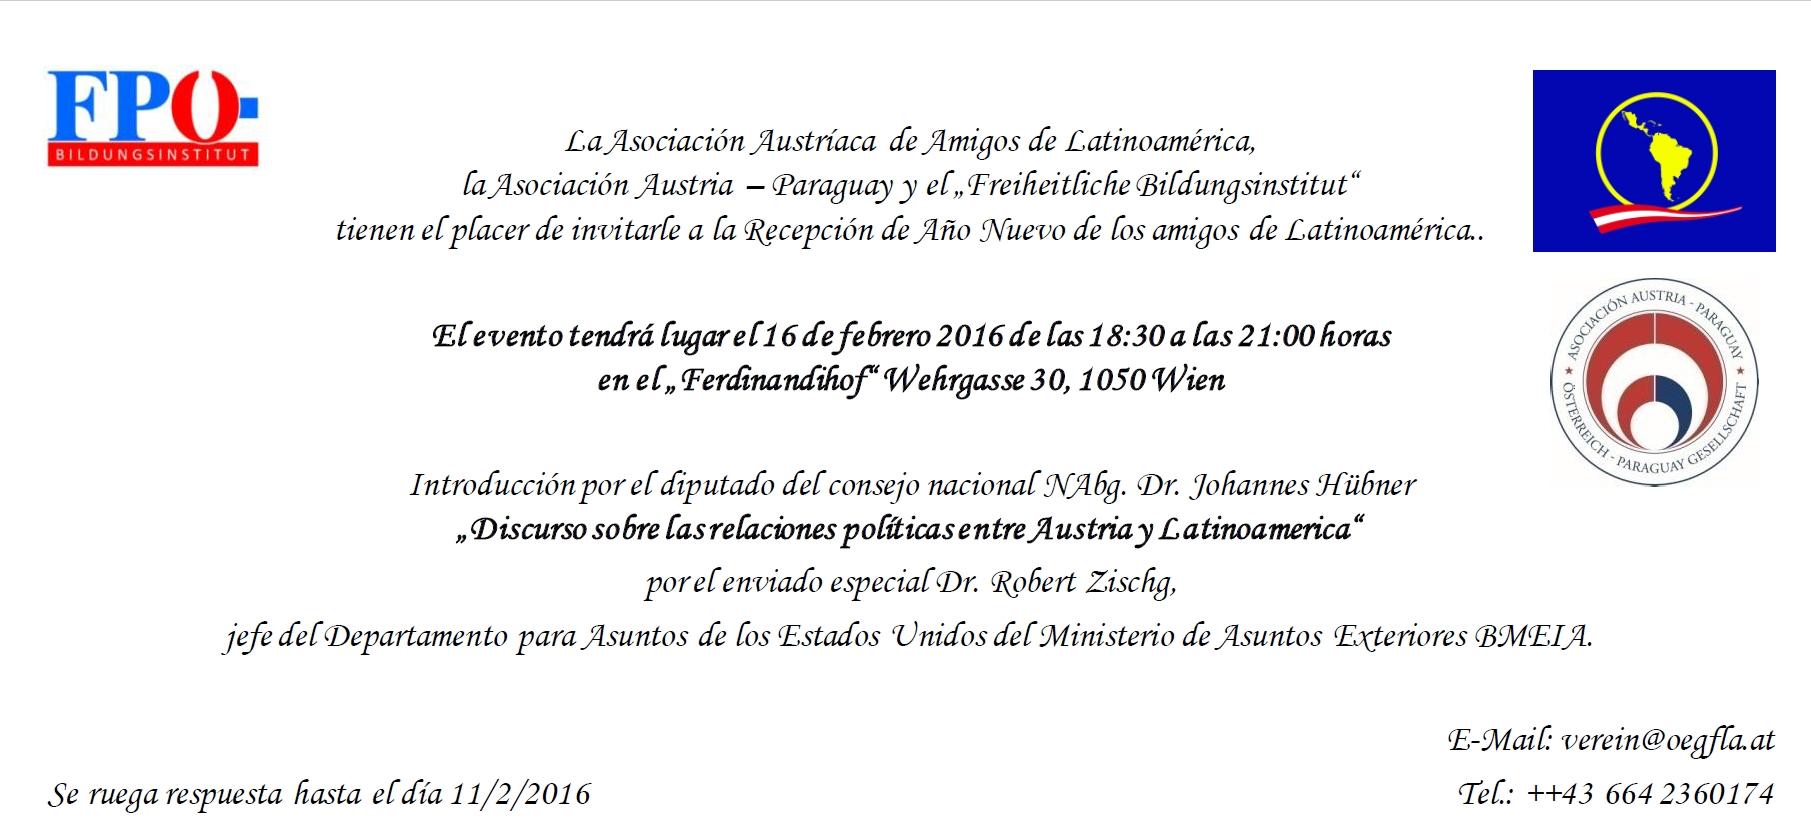 HP Spanisch Einladung